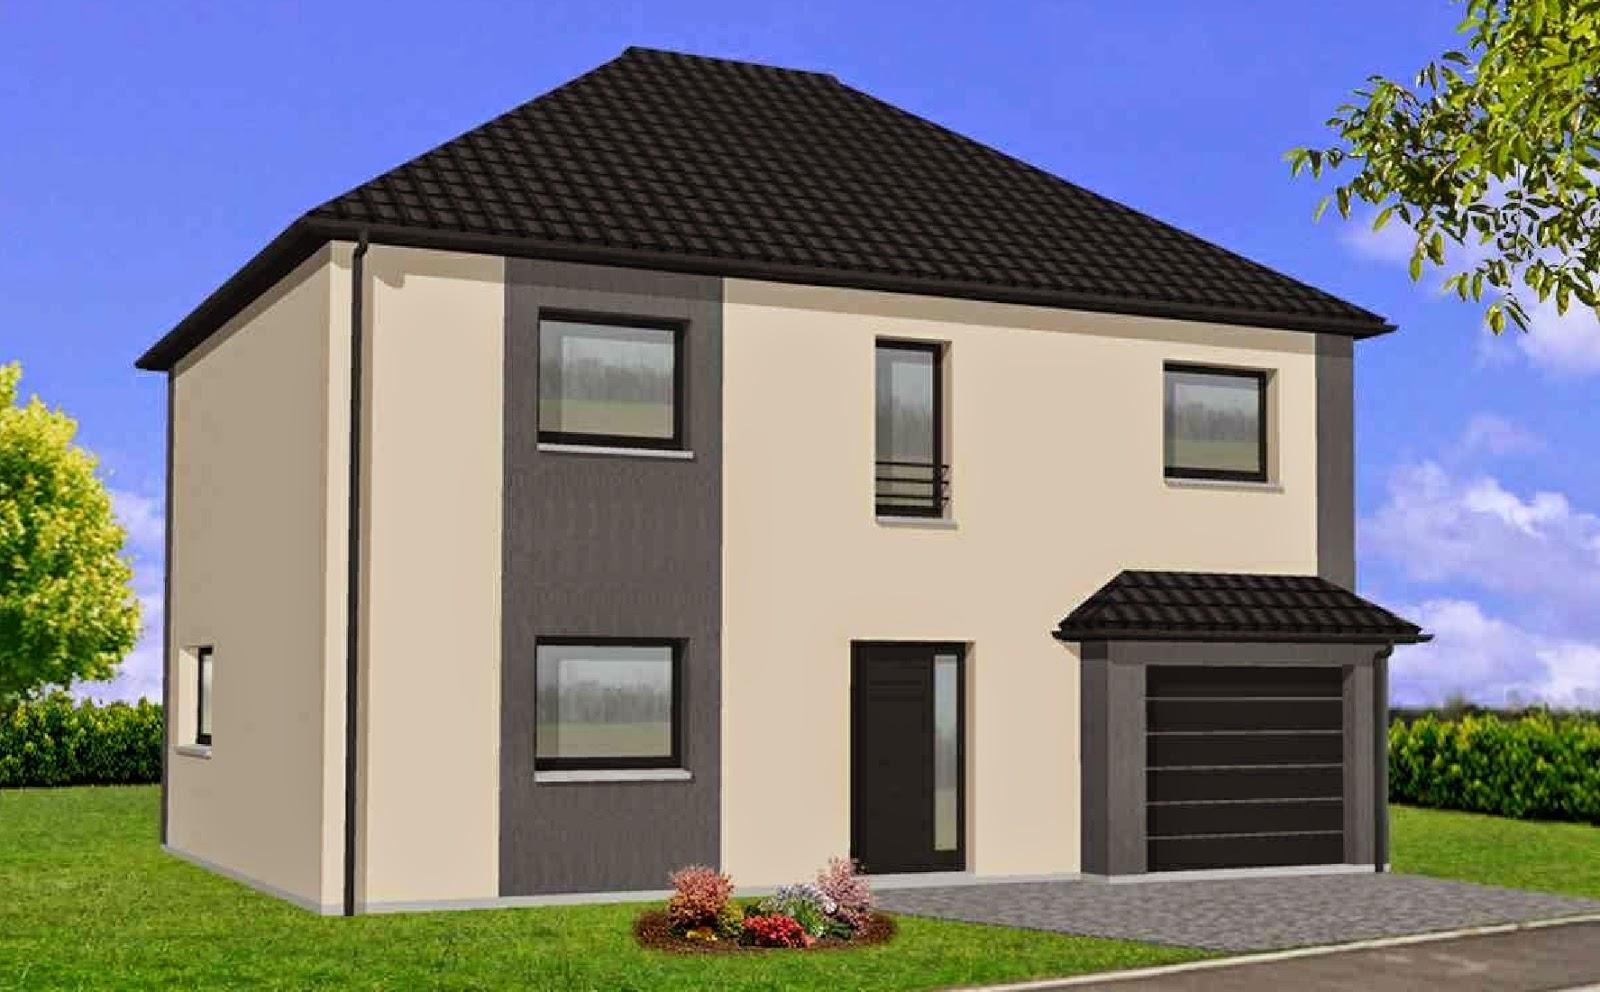 Maison-Familiale LILLE: GONDECOURT - Etage R+1 - 125 m²